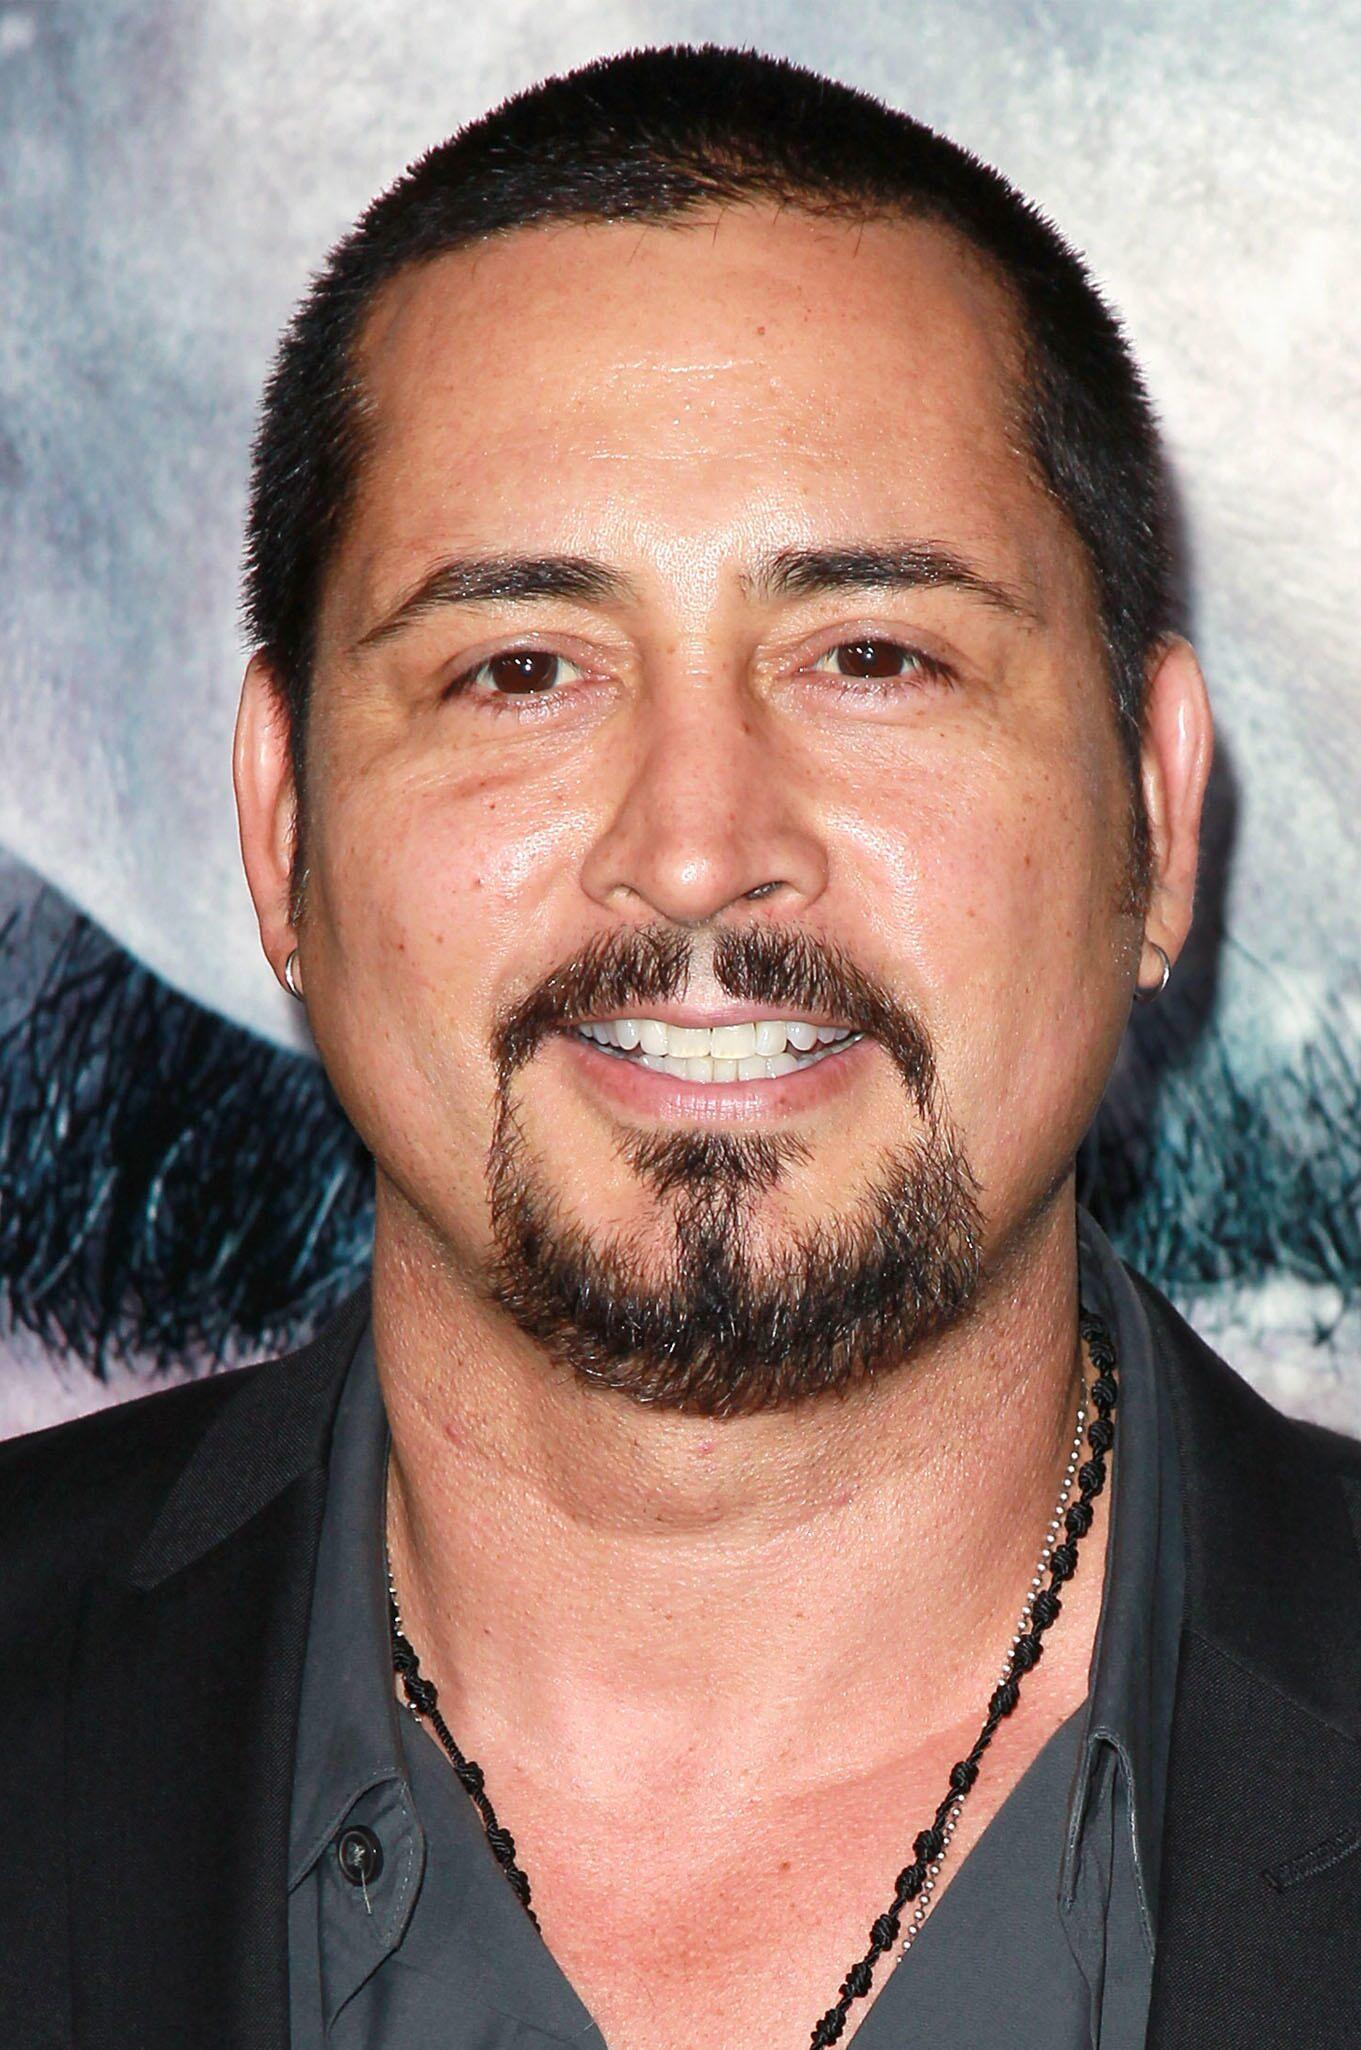 Ben Hernandez Bray